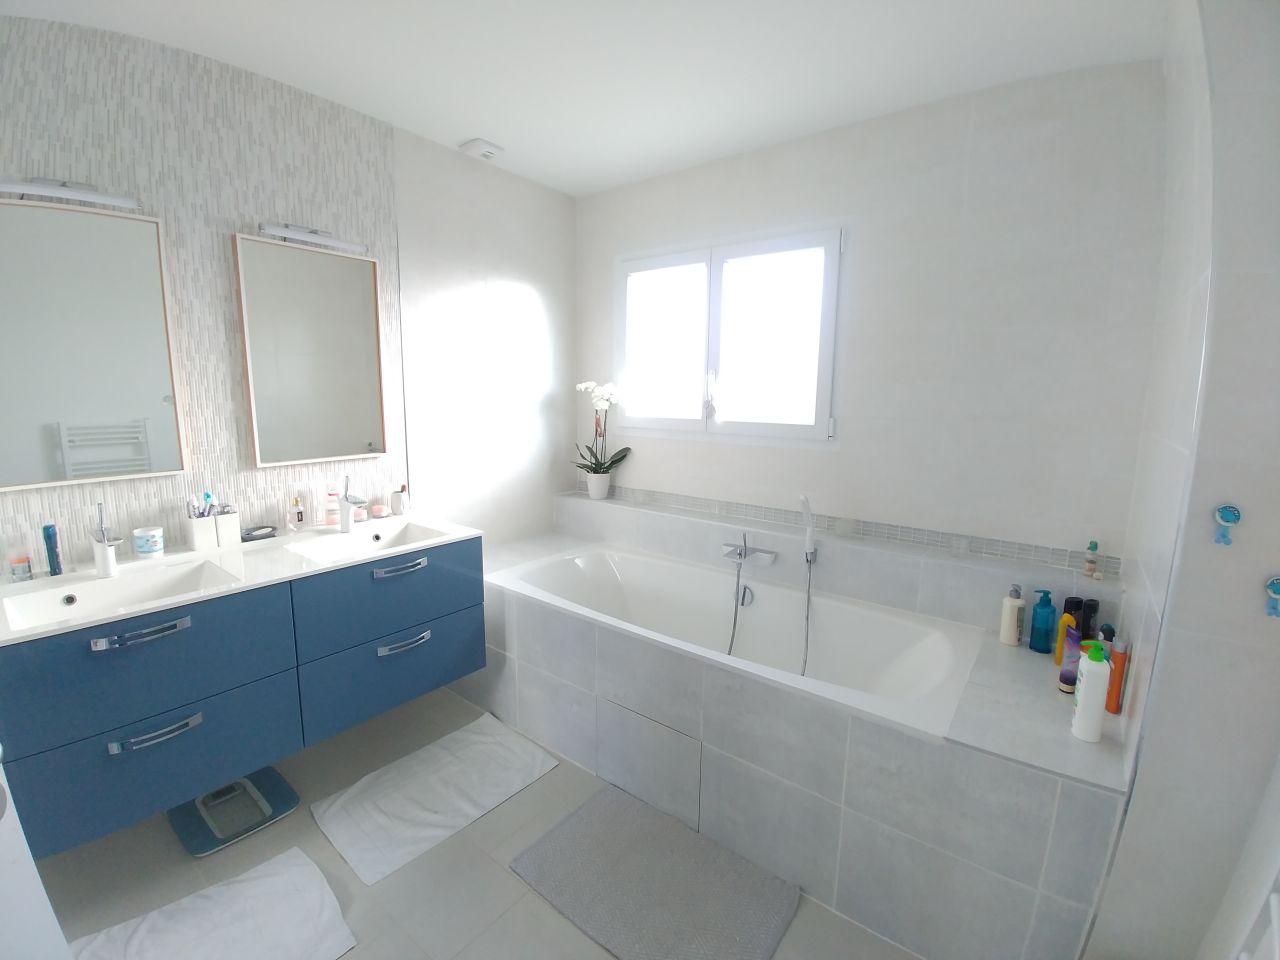 La salle de bain terminée, avec sa petite orchidée. Je cherche des idées pour la meubler...